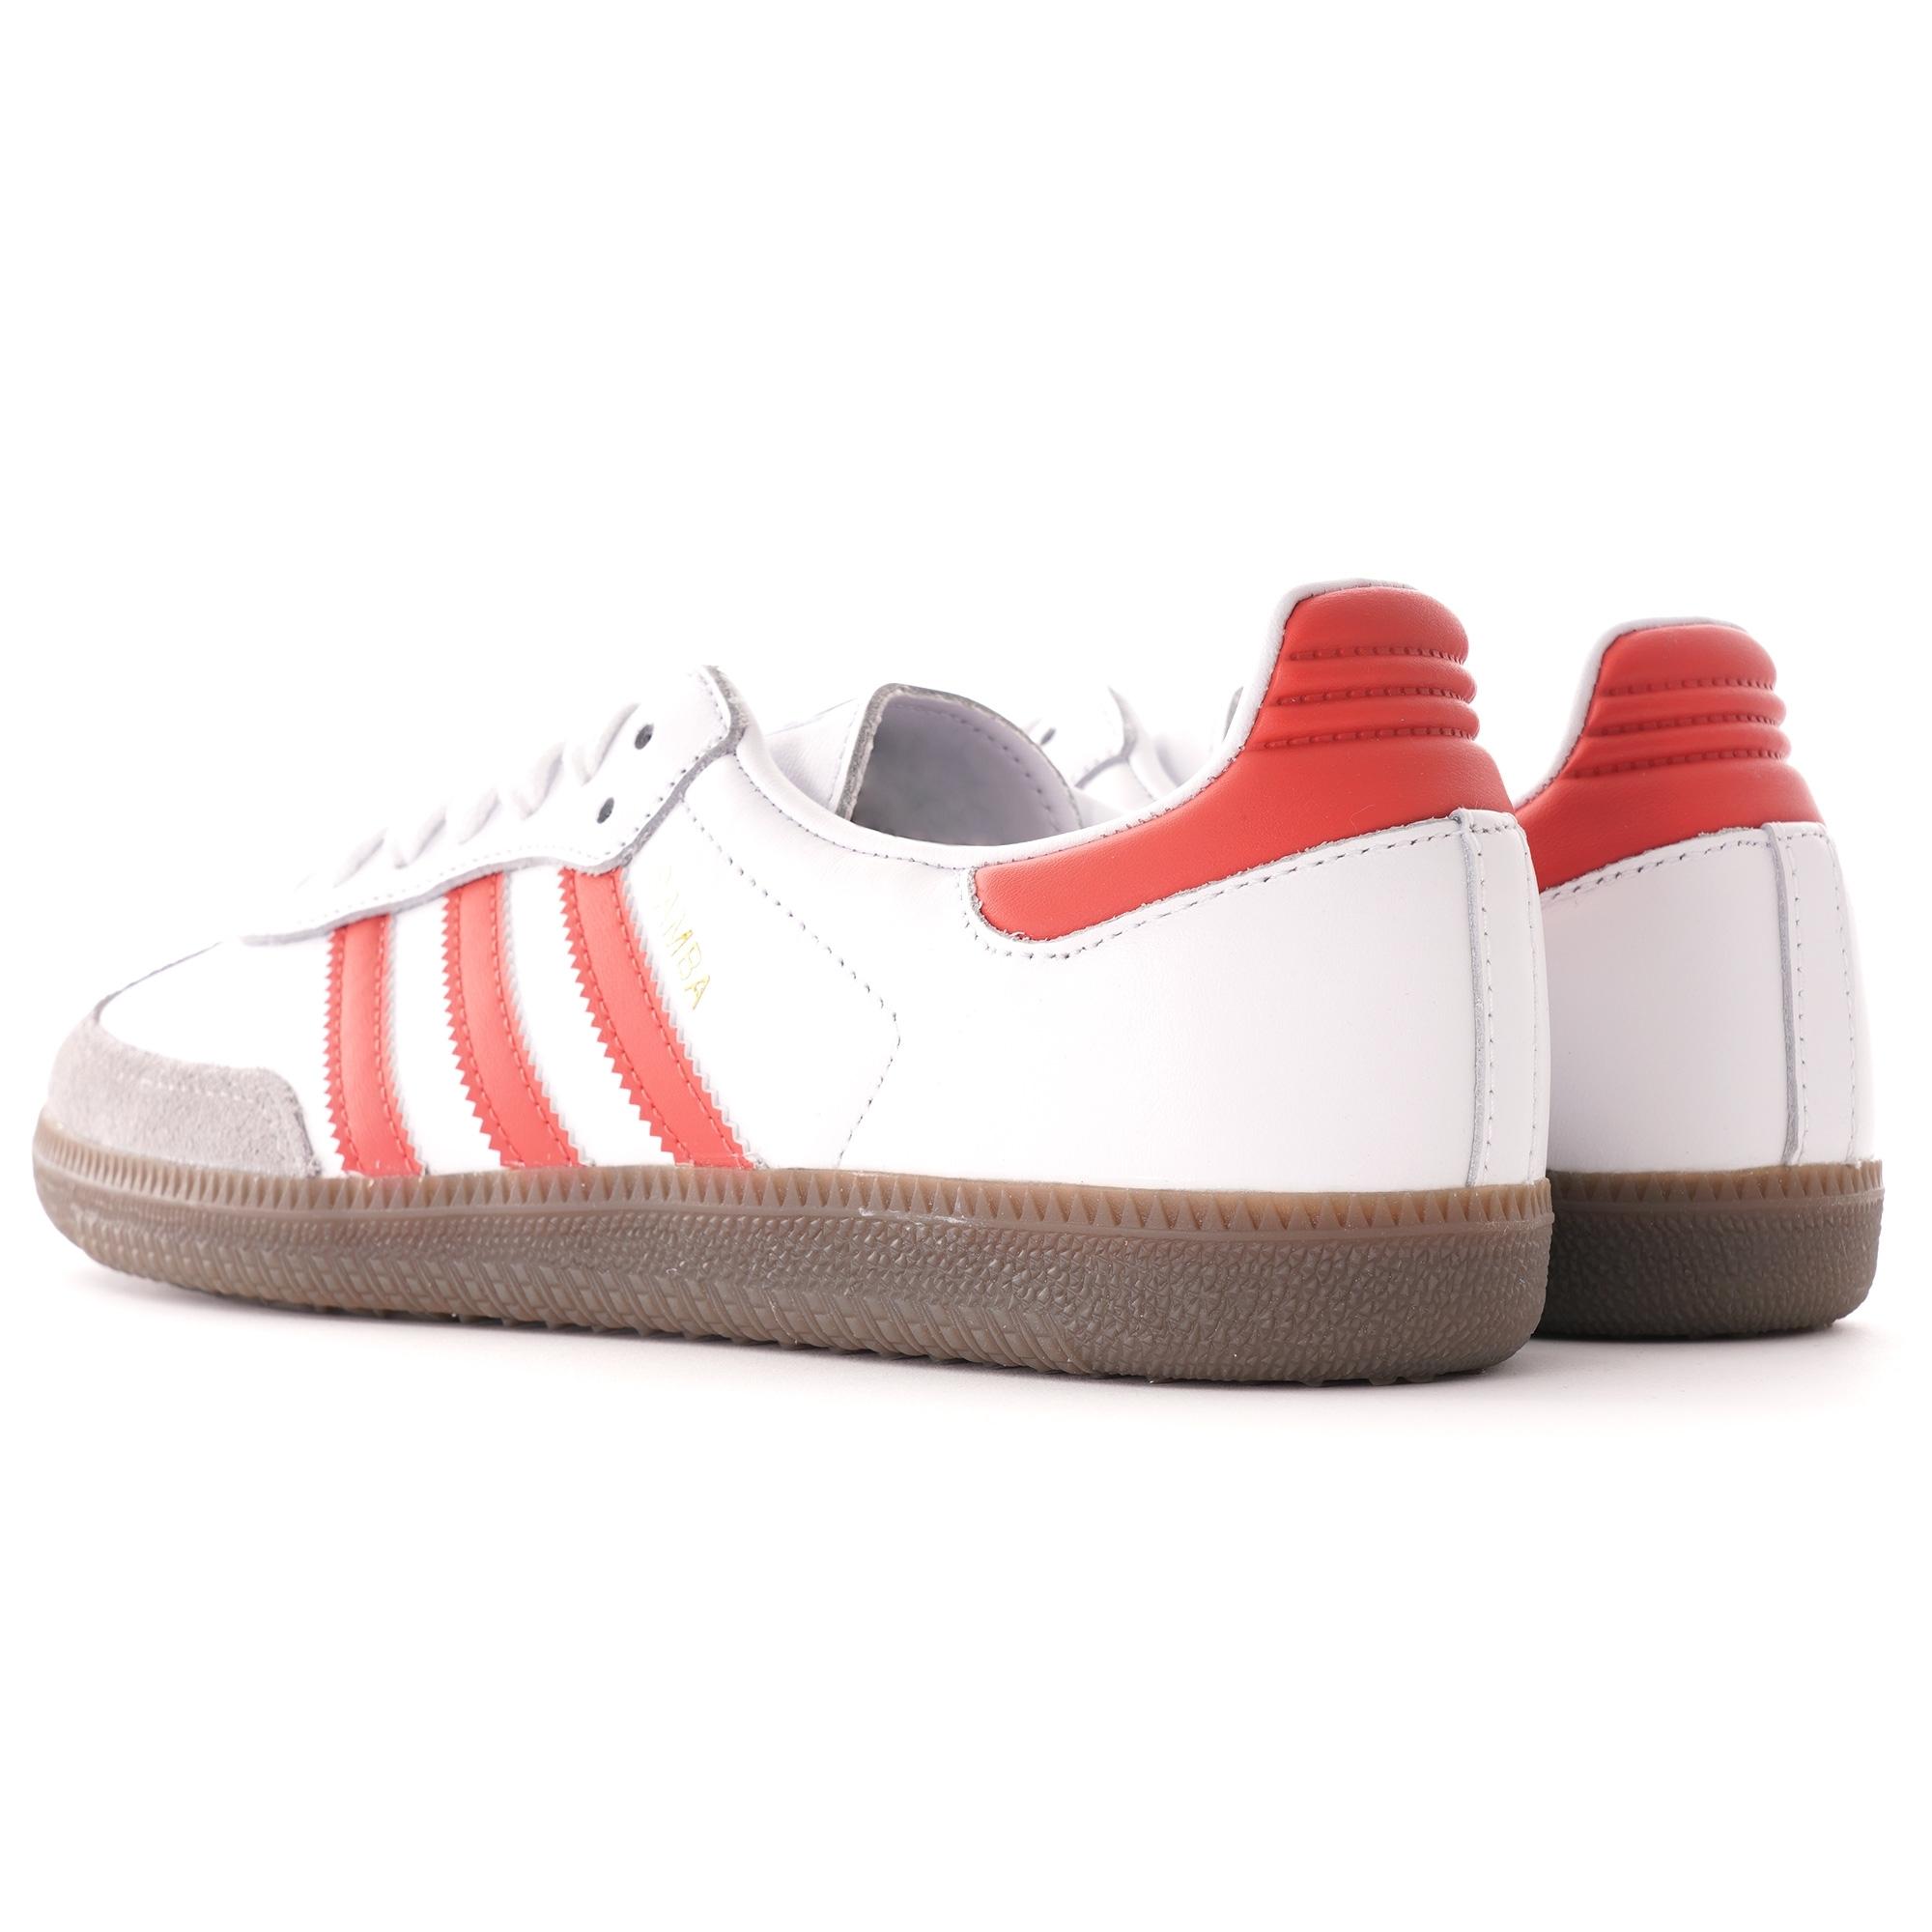 adidas Herren Schuhe Samba OG Cloud WhiteCollegiate Green